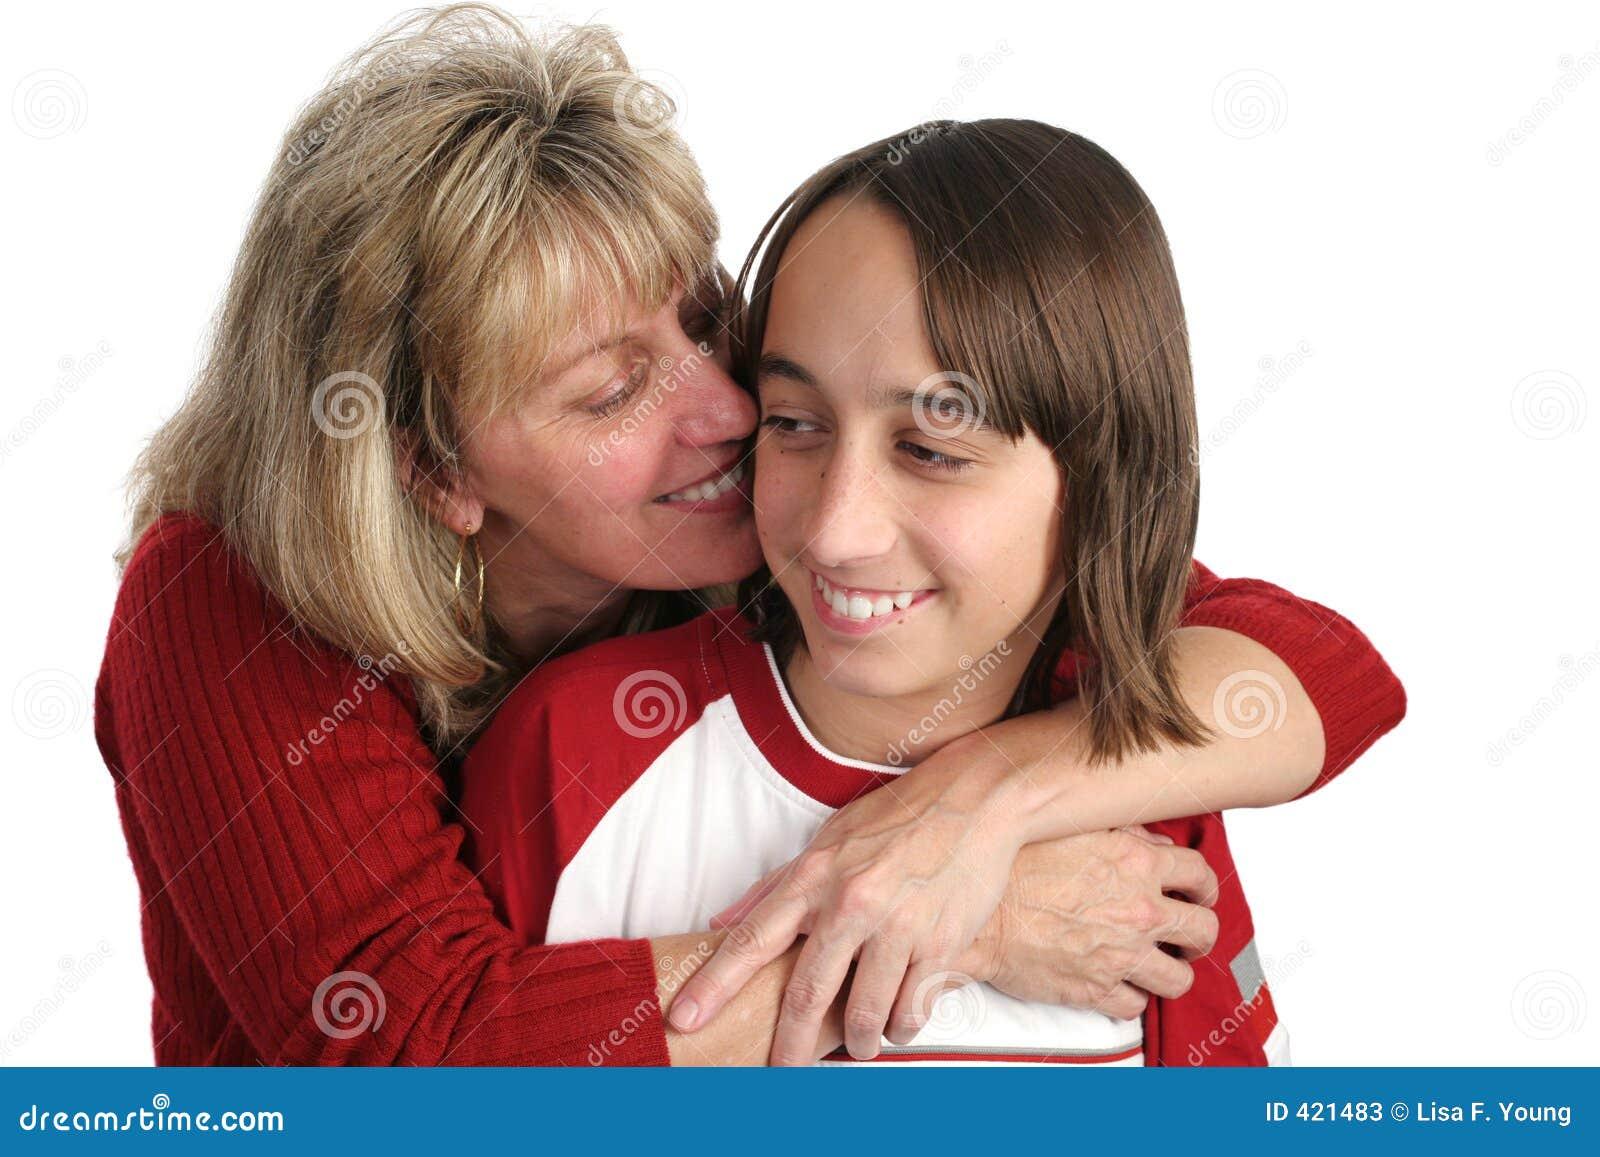 hijo espia a su mama y se la folla hnczcyw